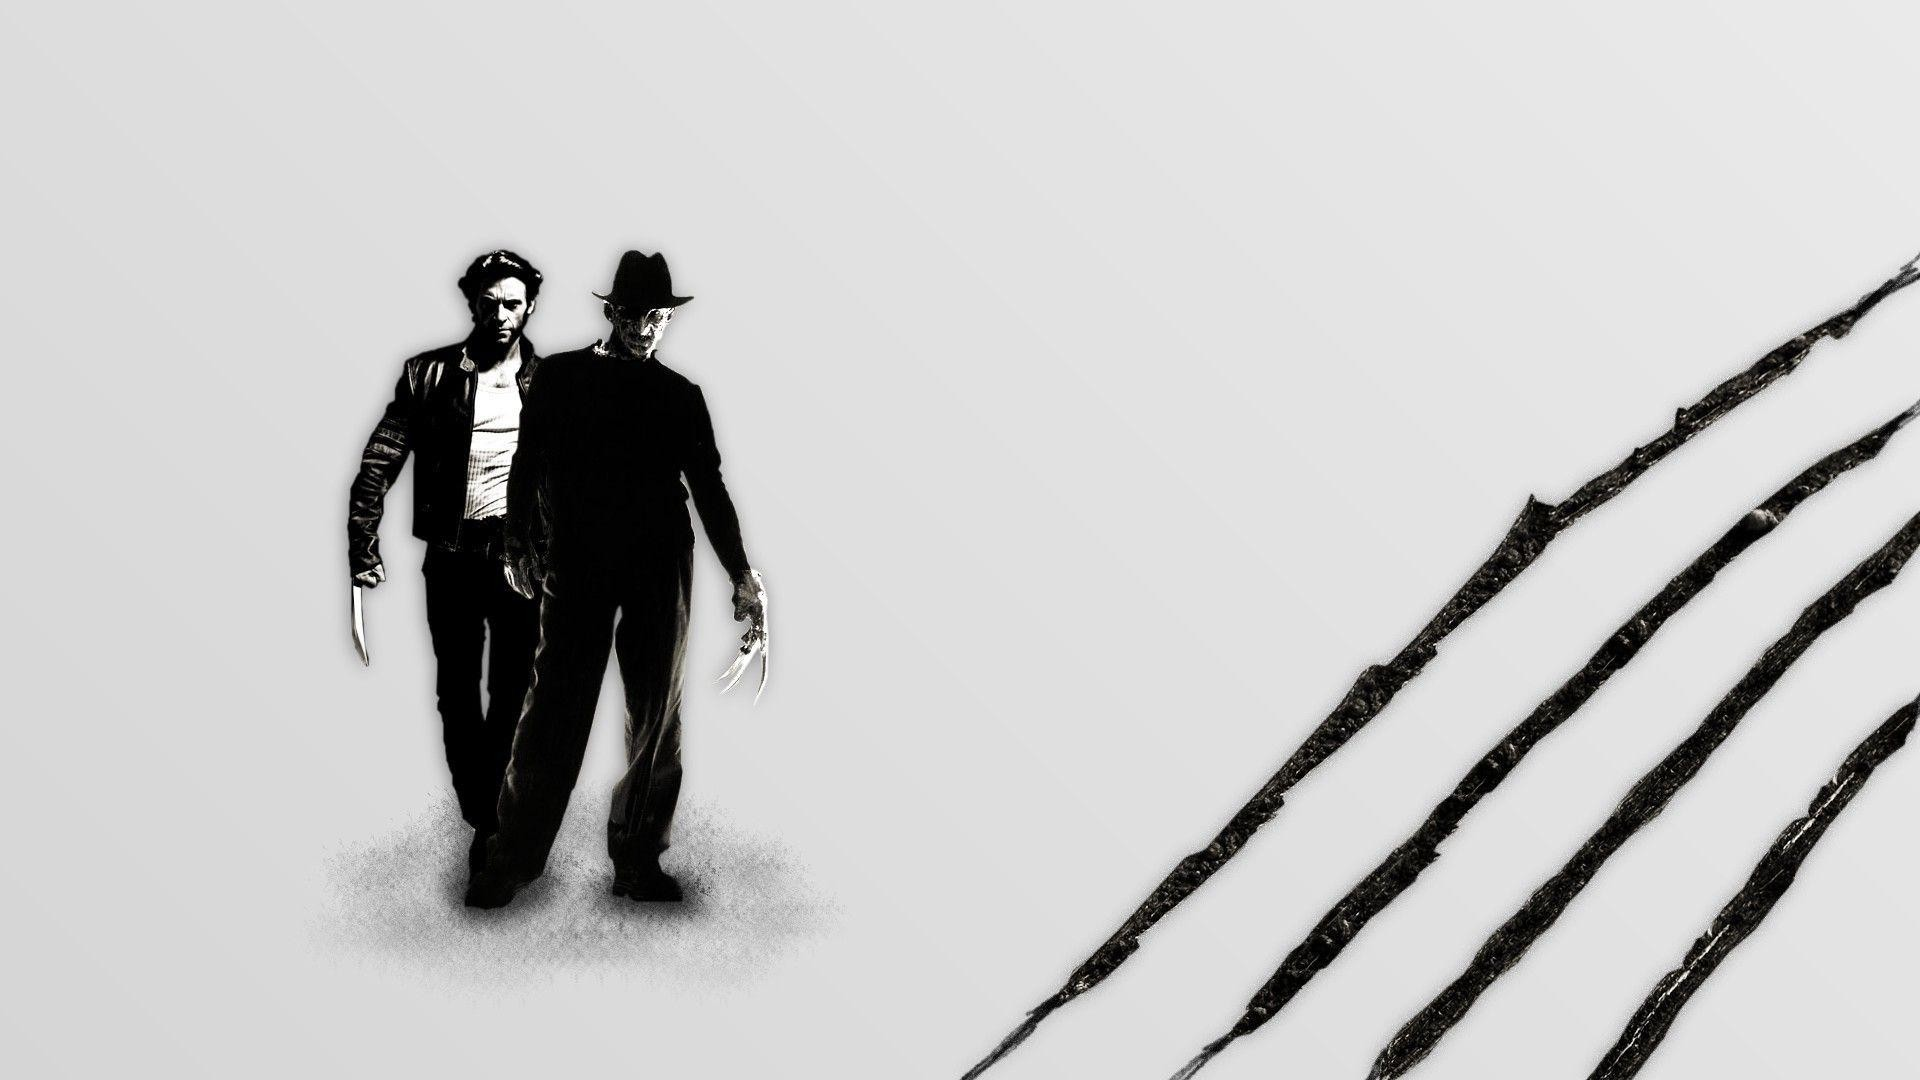 movies, Wolverine, Freddy Krueger Wallpapers HD / Desktop and .